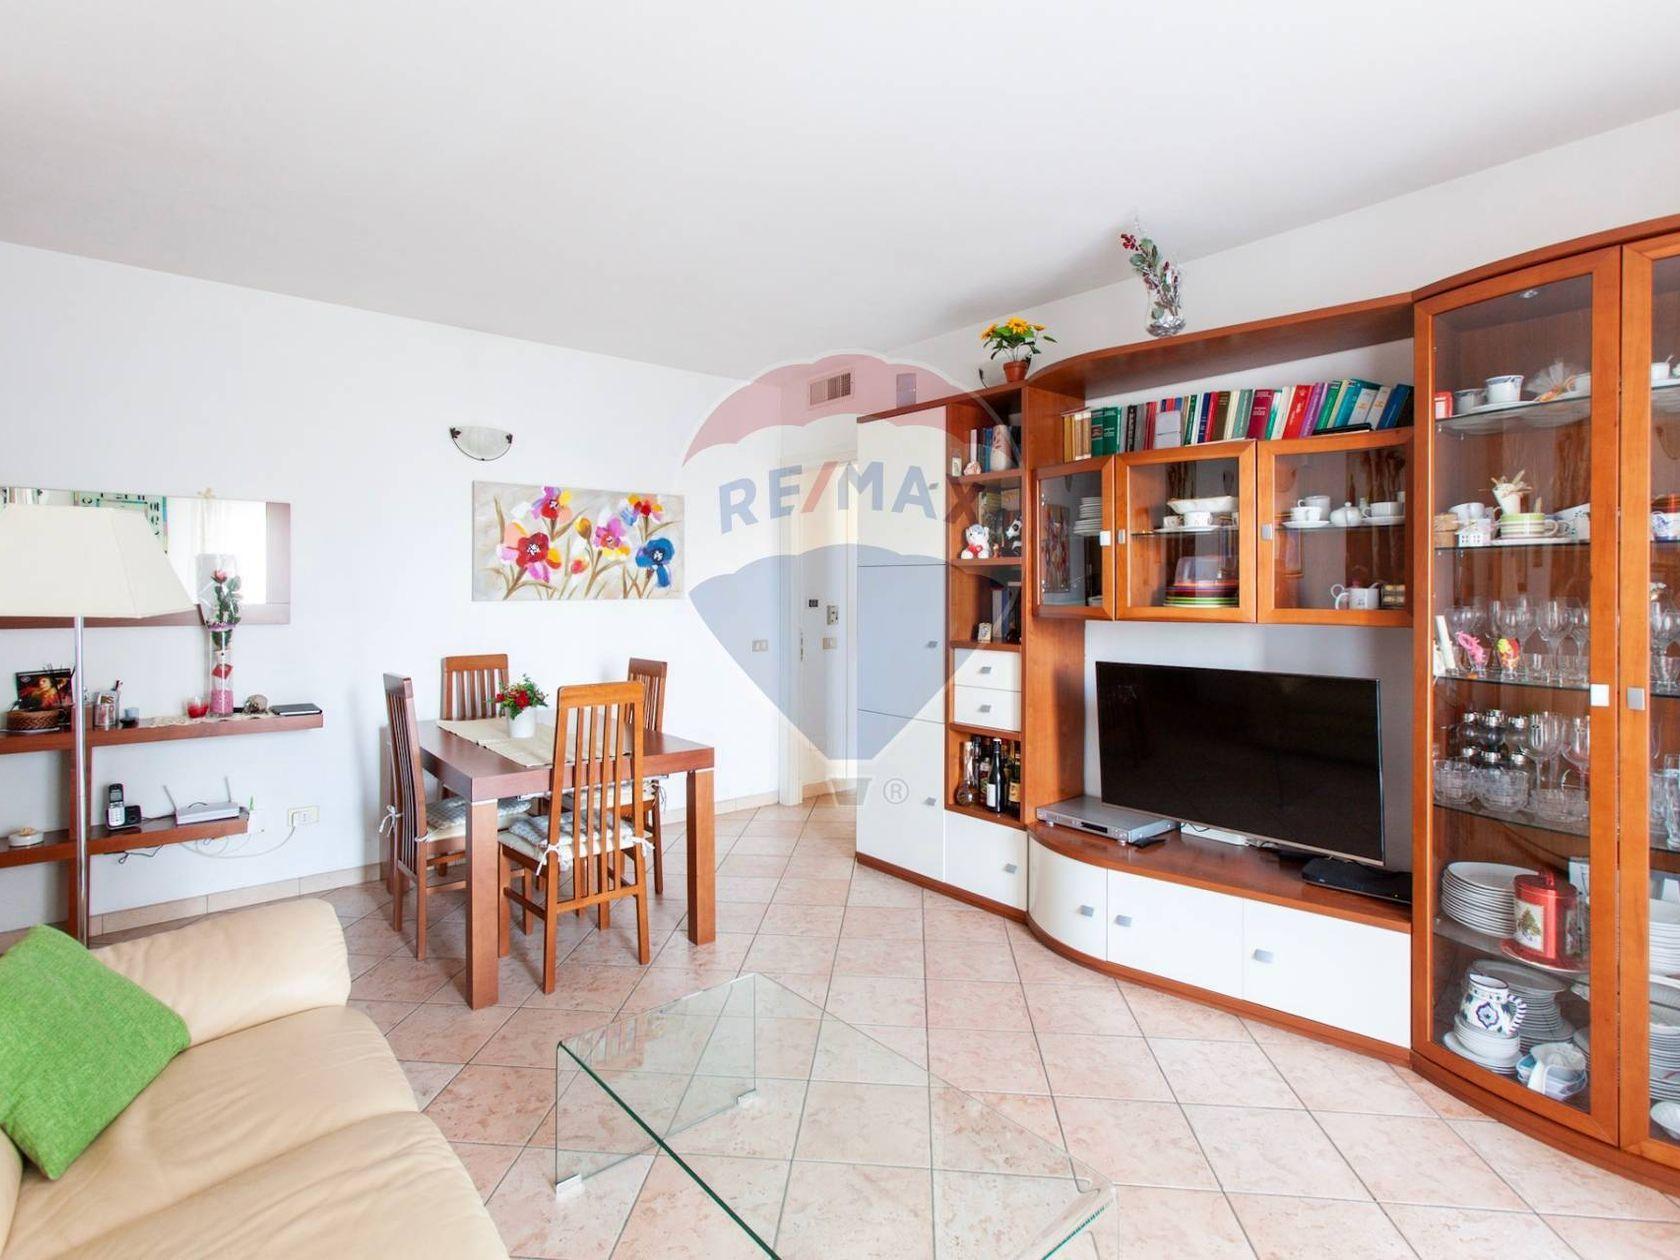 Appartamento Zona Pitz'Š Serra, Quartu Sant'Elena, CA Vendita - Foto 2